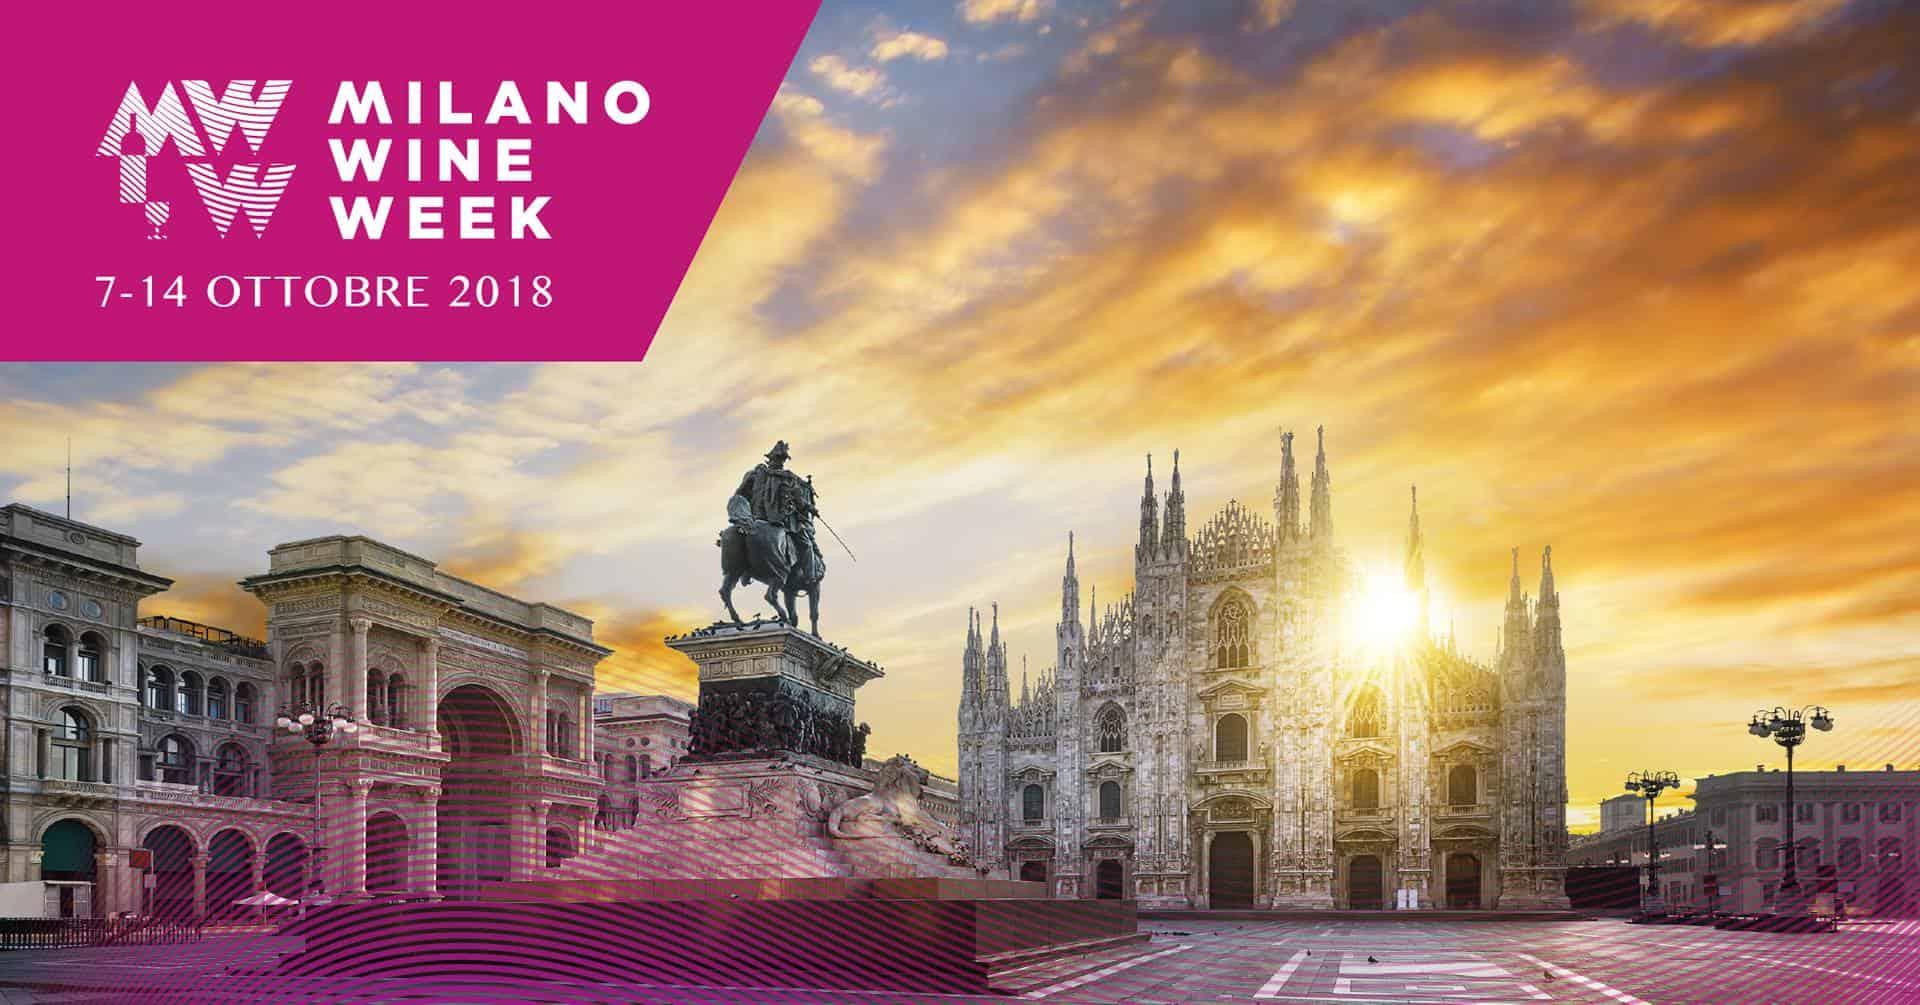 milano wine week 2018